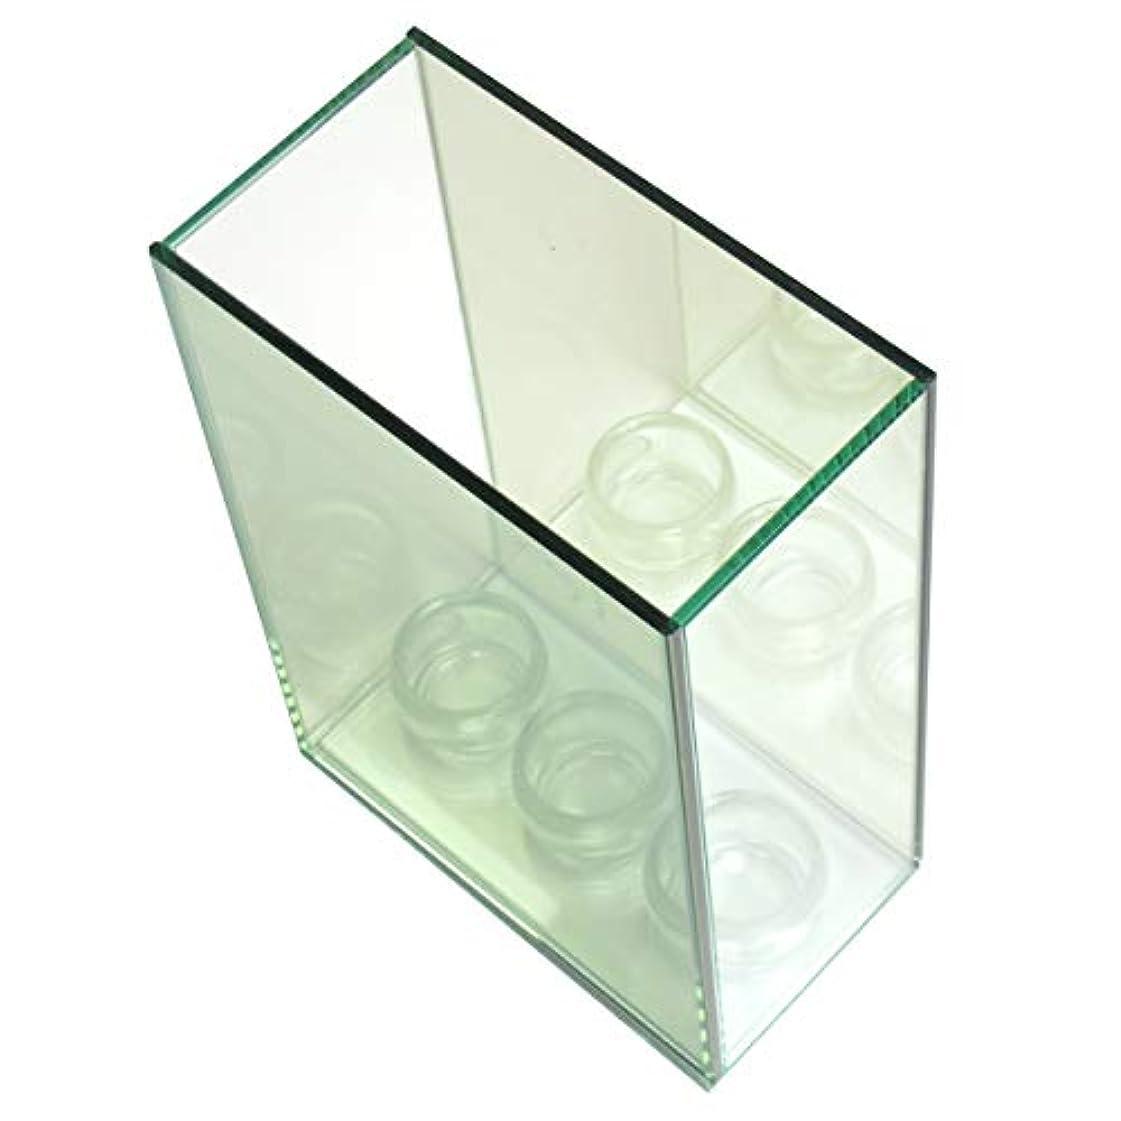 舌な主観的カセット無限連鎖キャンドルホルダー 3連 ガラス キャンドルスタンド ランタン 誕生日 ティーライトキャンドル